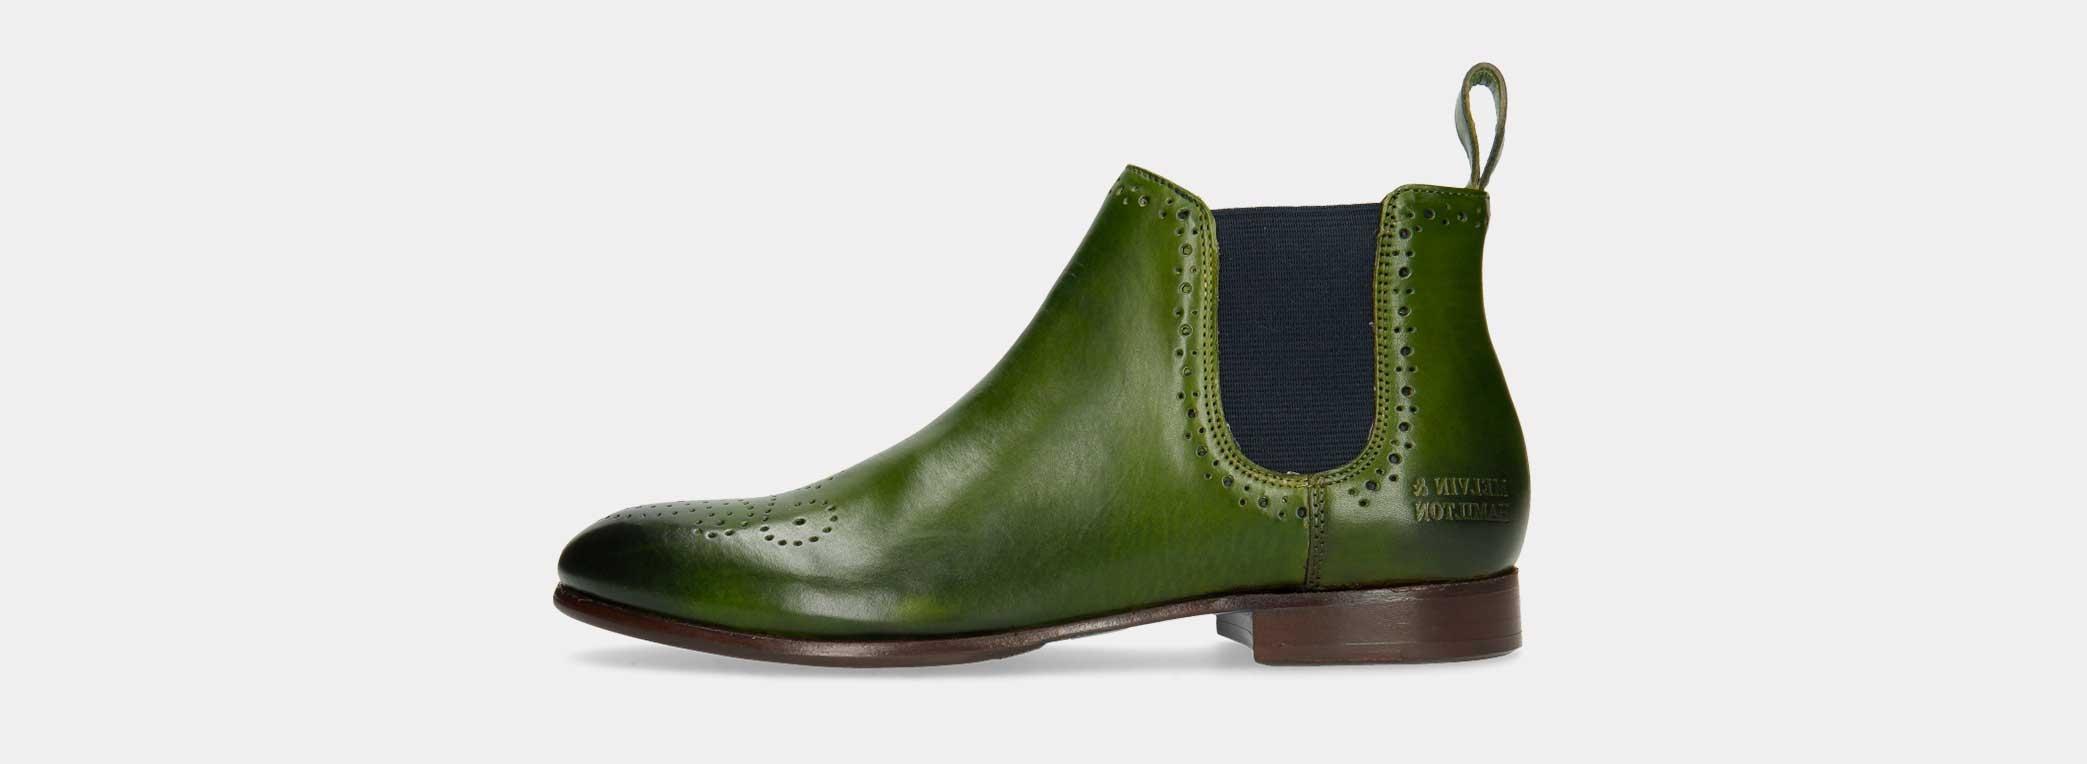 Chaussures Femmes Derbies cuir   Melvin   Hamilton 5afa8f1840e0